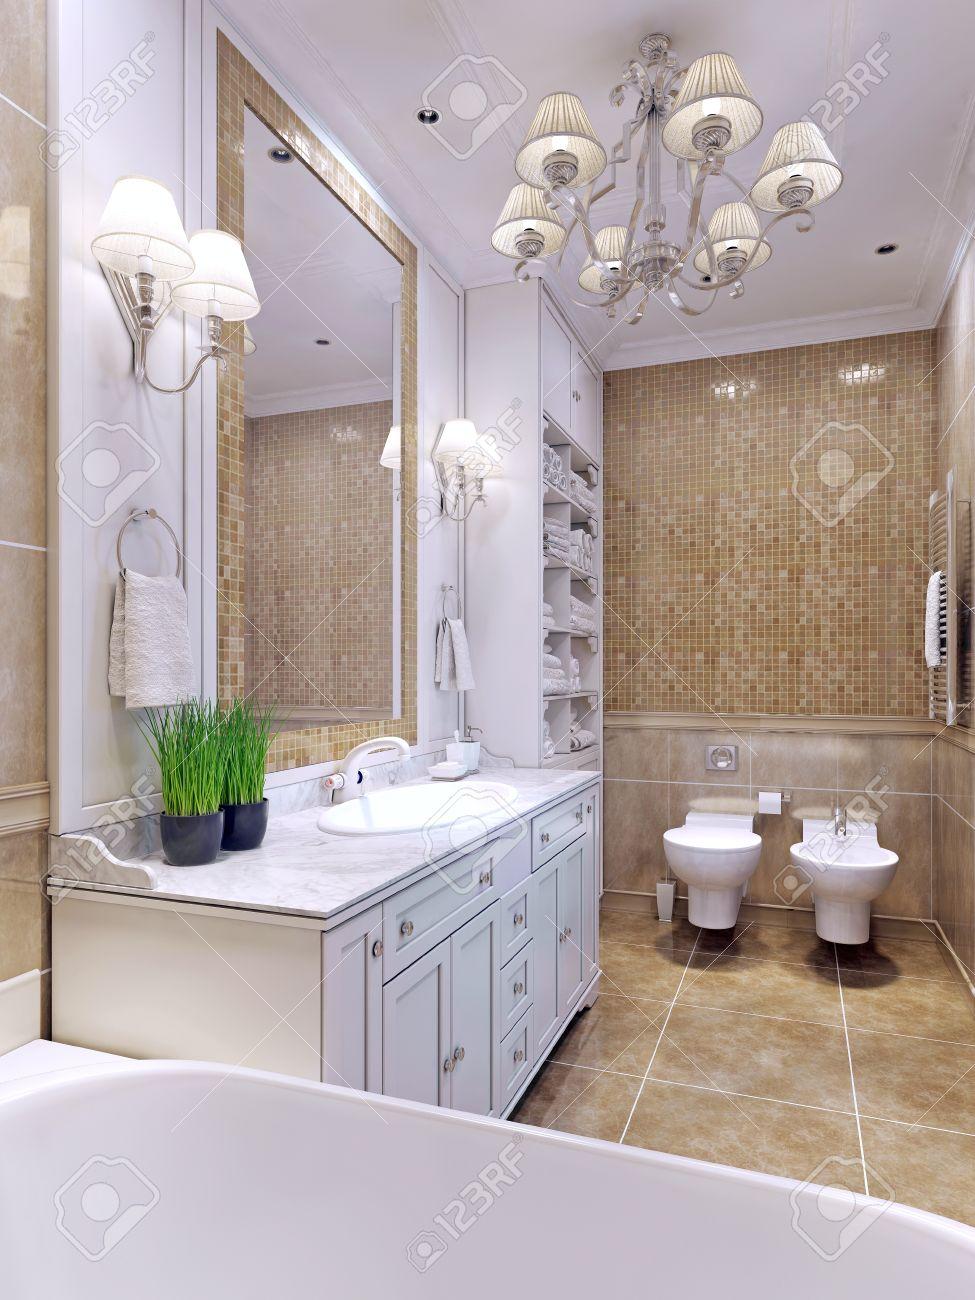 dalani   specchi da bagno: pratici ed eleganti accessori. stanza ...